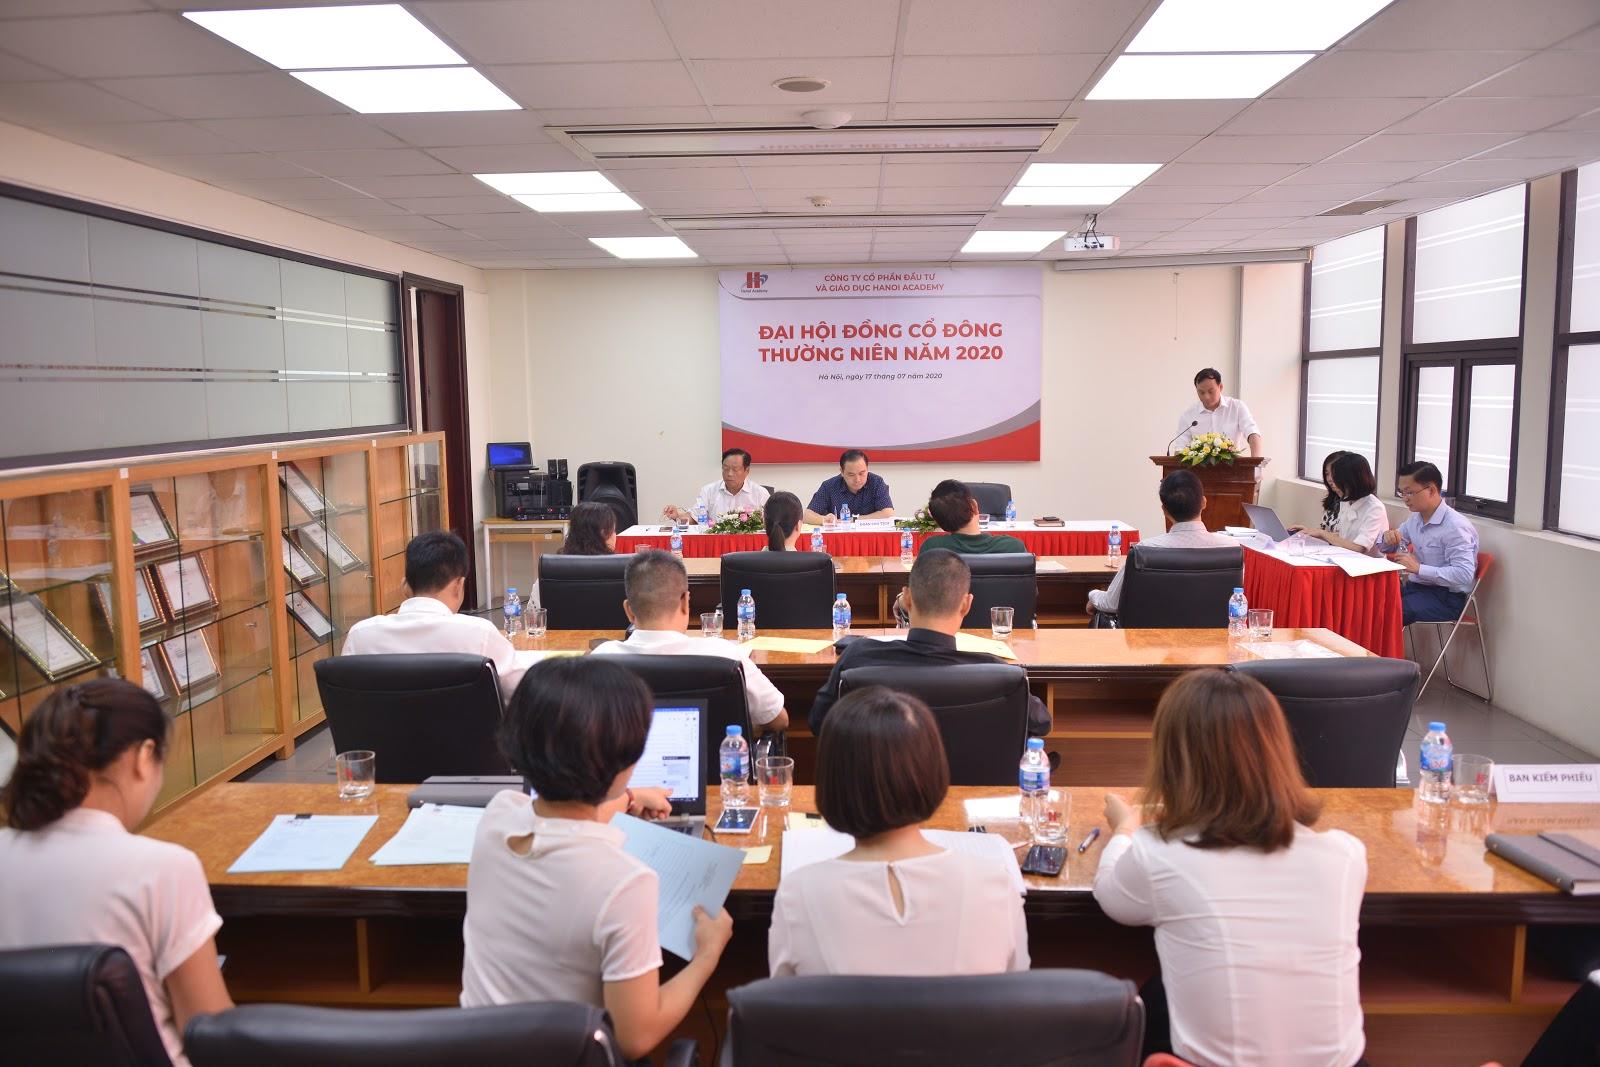 Hanoi Academy tổ chức thành công Đại hội đồng cổ đông thường niên năm 2020 Trang chủ